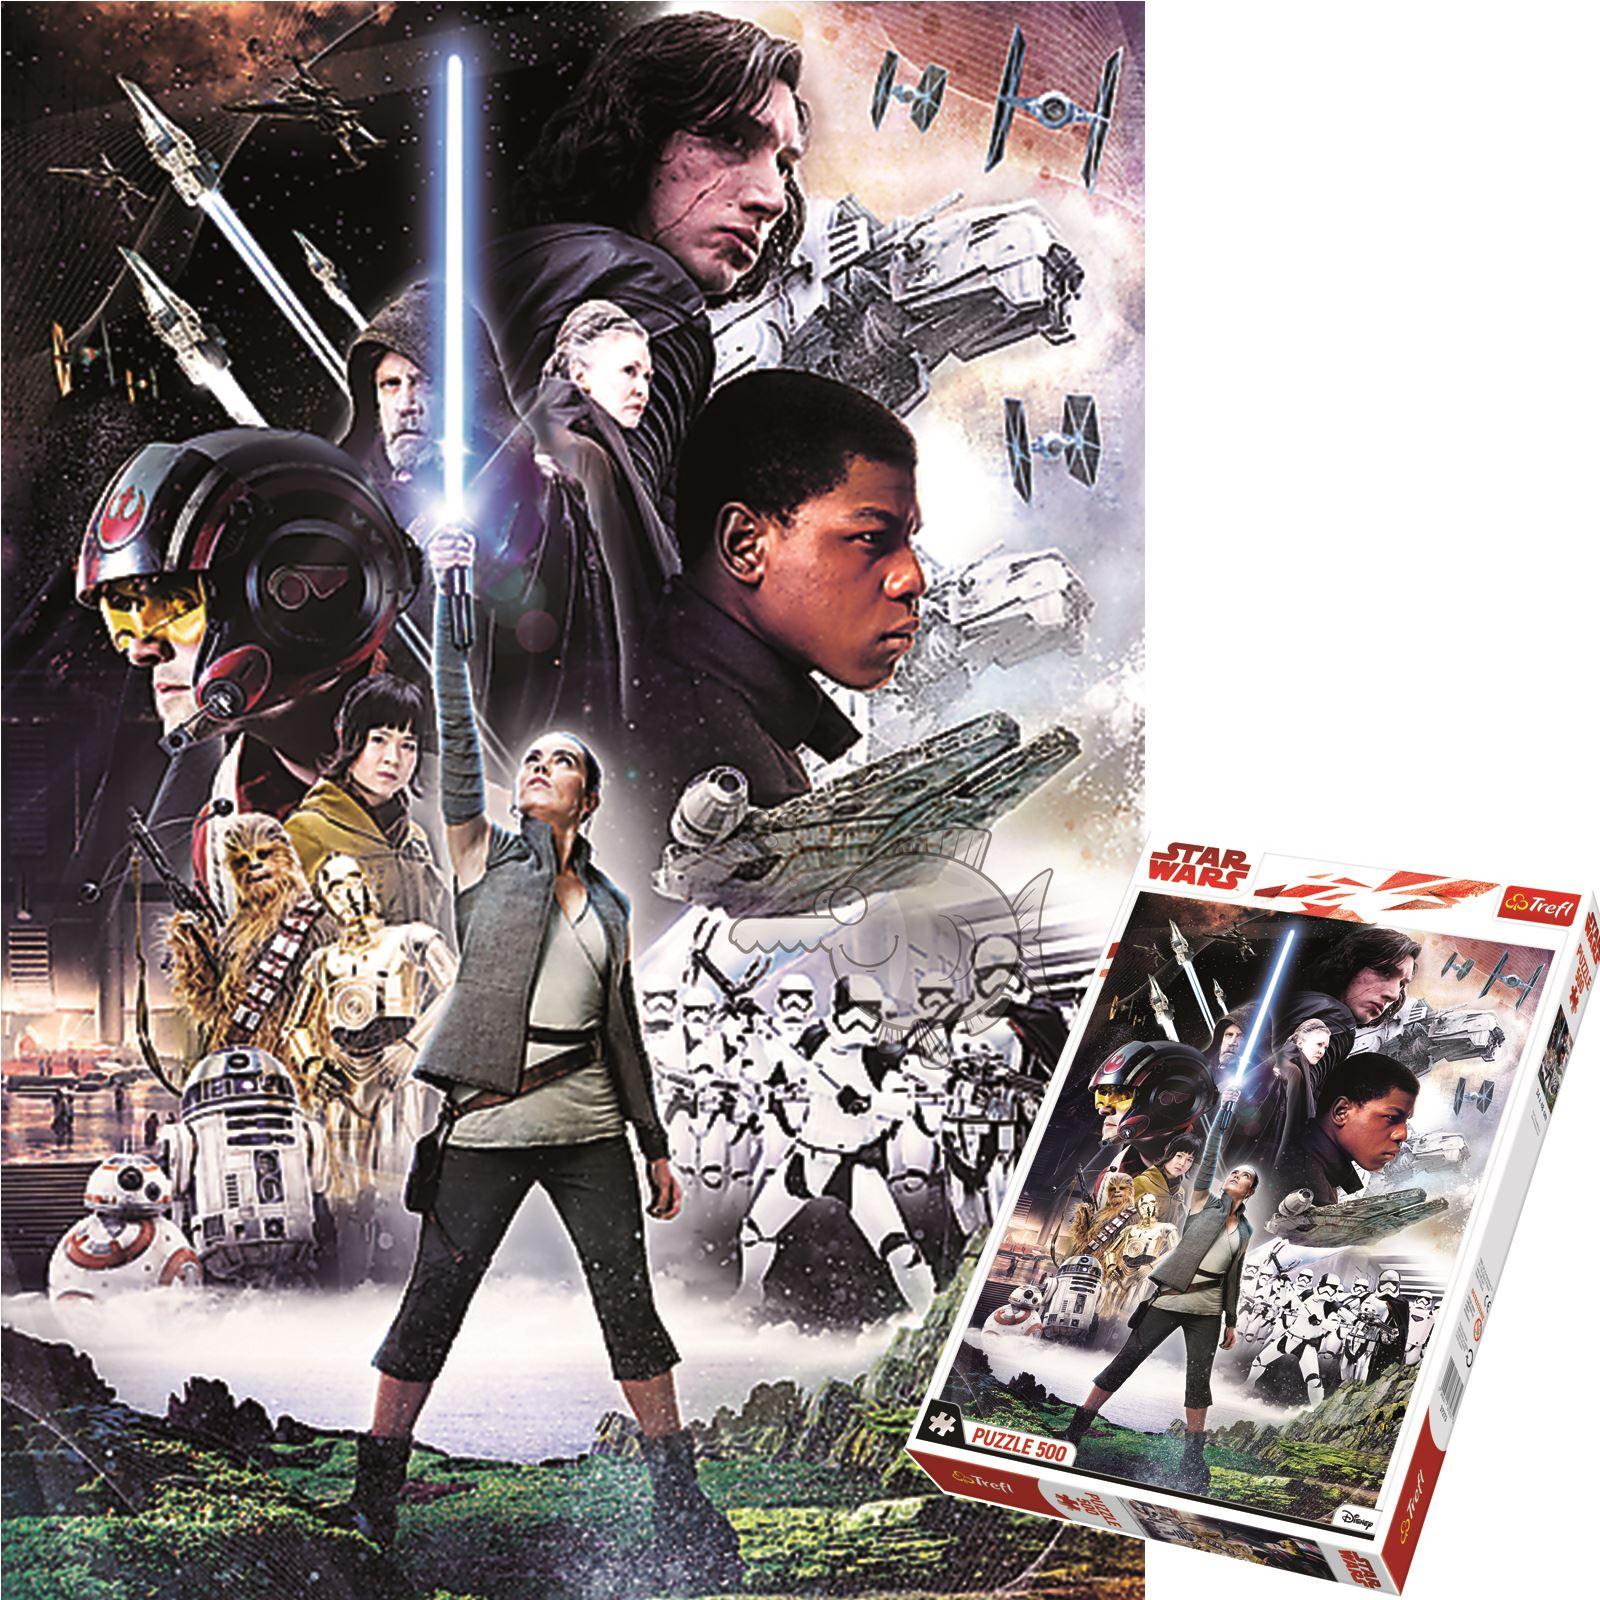 Le dernier JEDI Top emporte sur jeu de carte Star Wars Episode 8